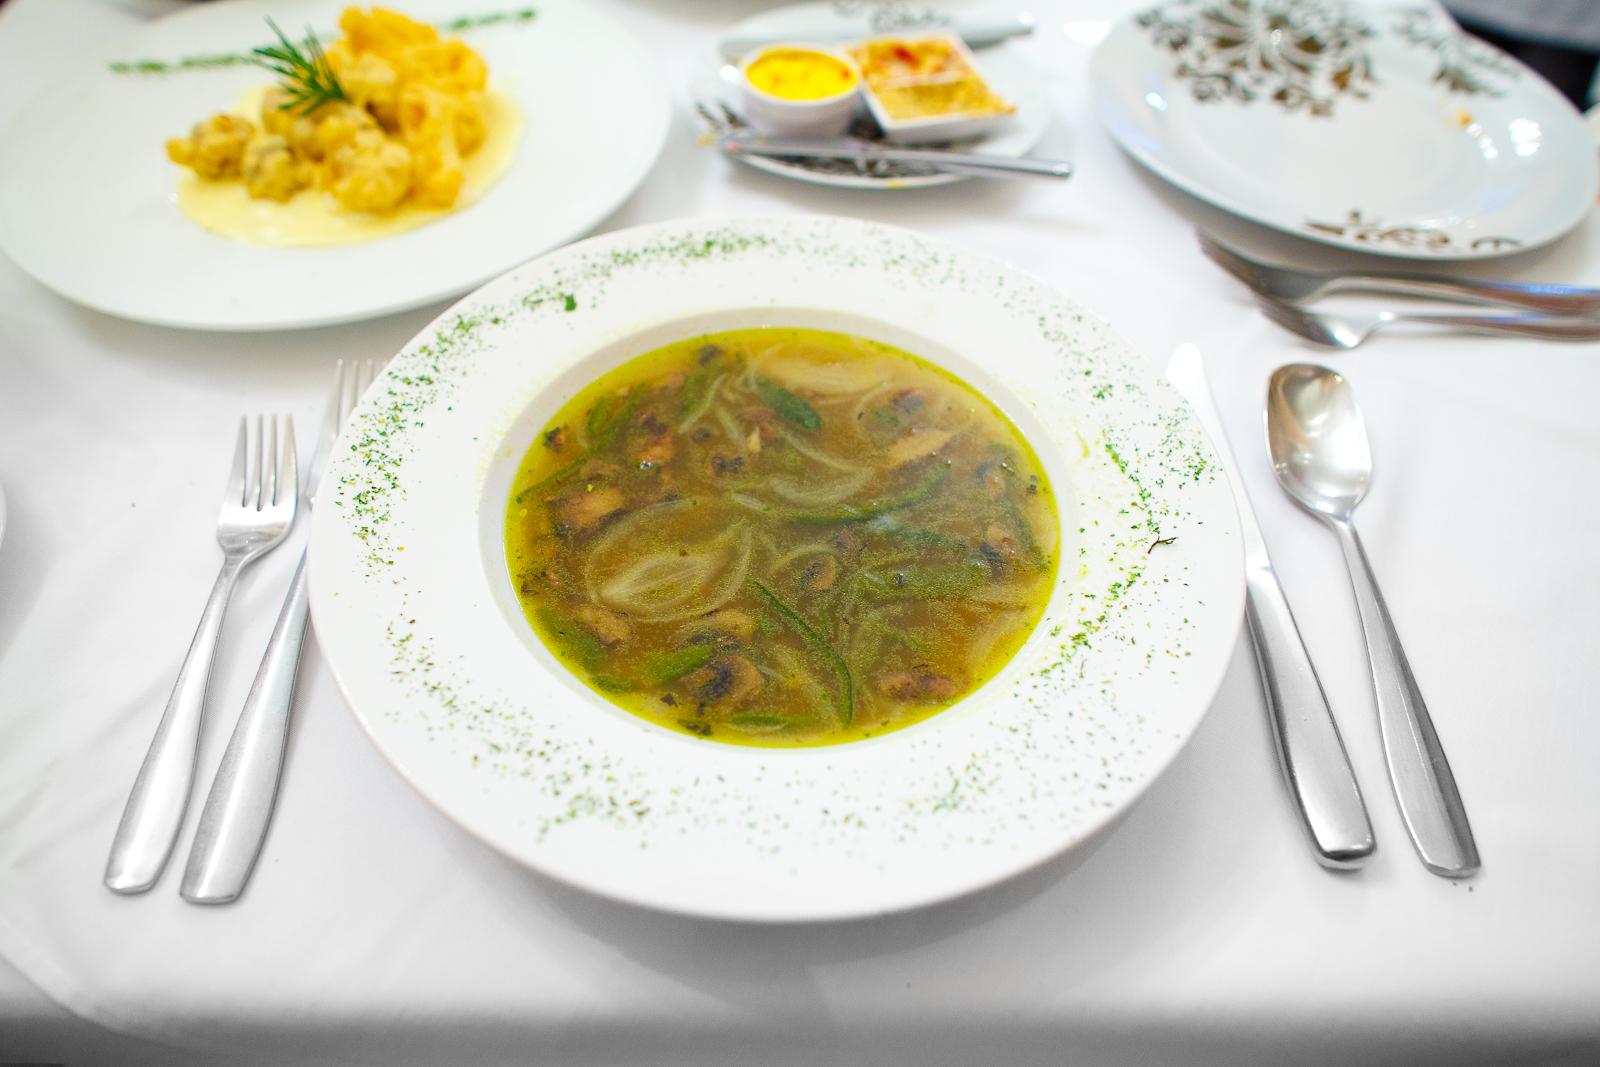 Sopa de los ángeles - chile poblano, champiñón y granas de elote (soup of the angels with poblano pepper, mushroom, and corn kernels) (69 MXP)